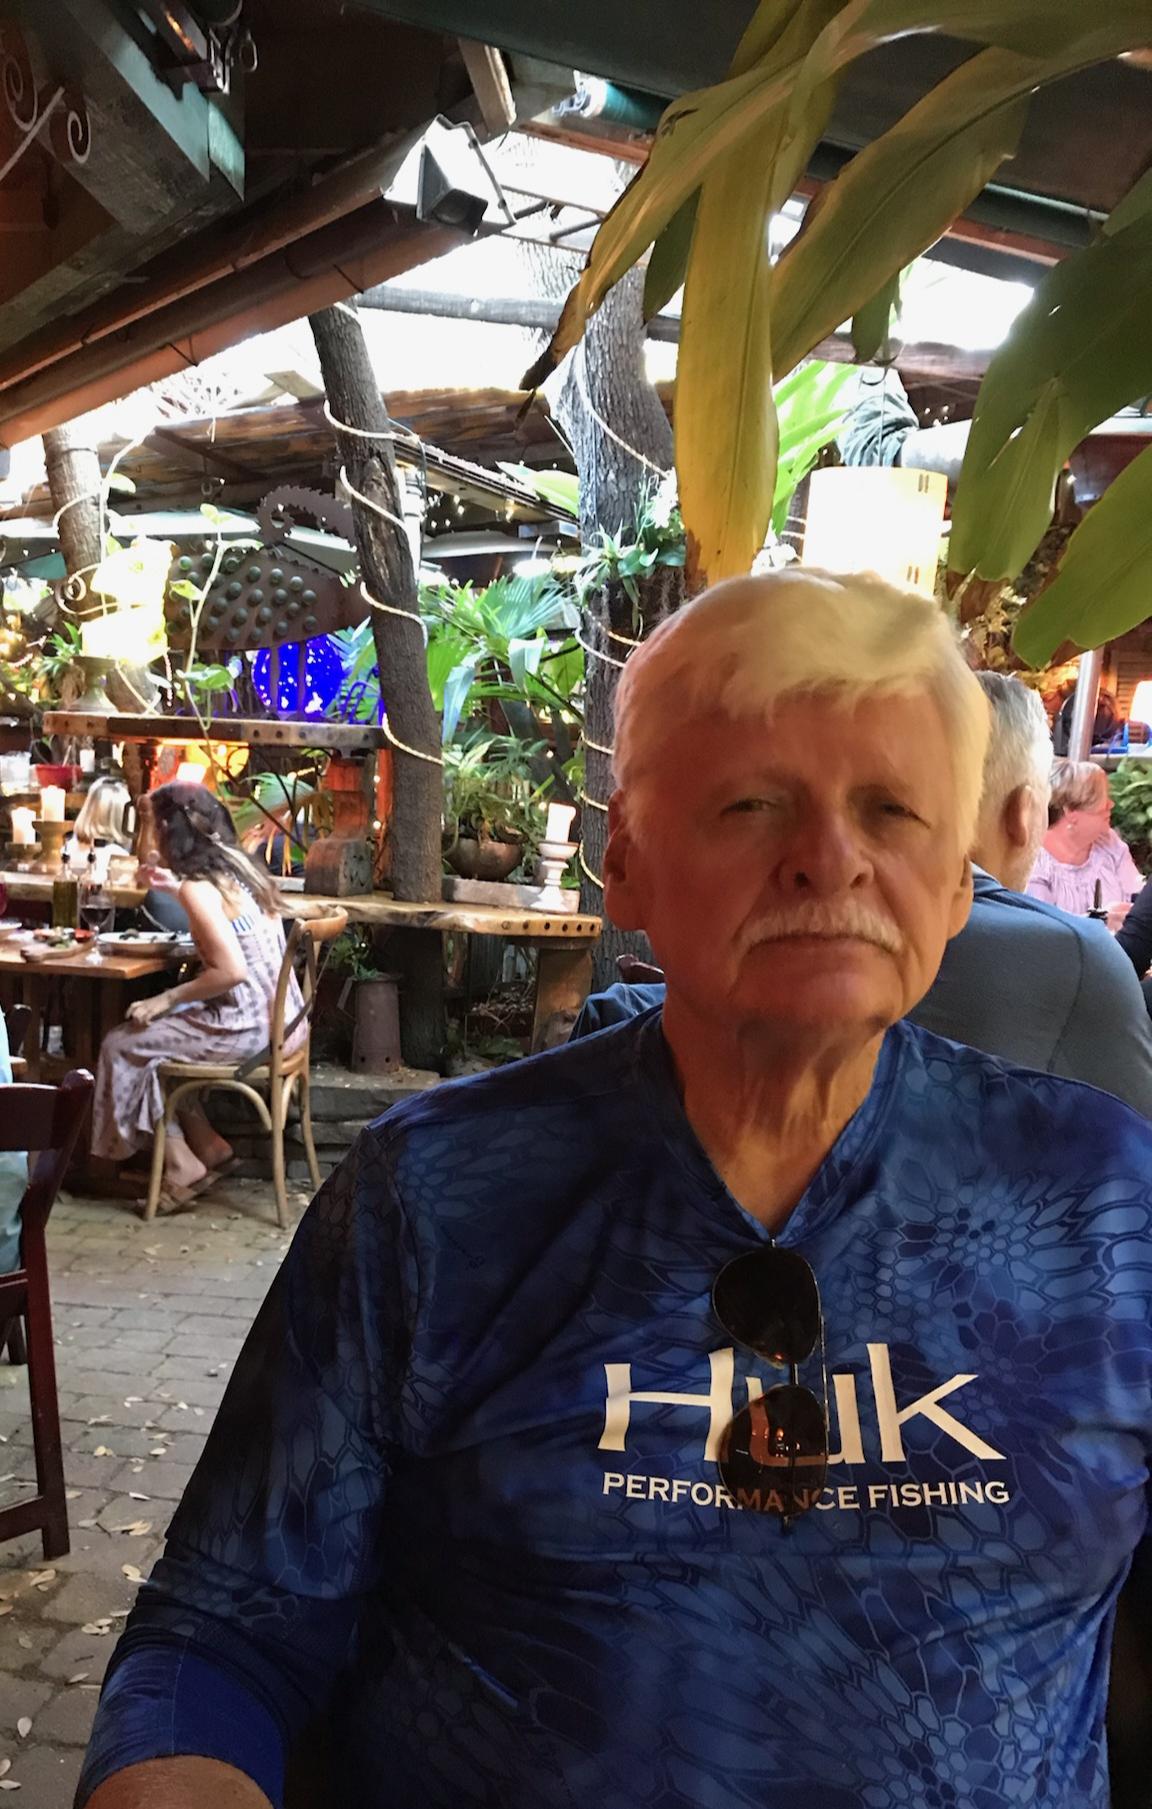 Ken dark blue shirt